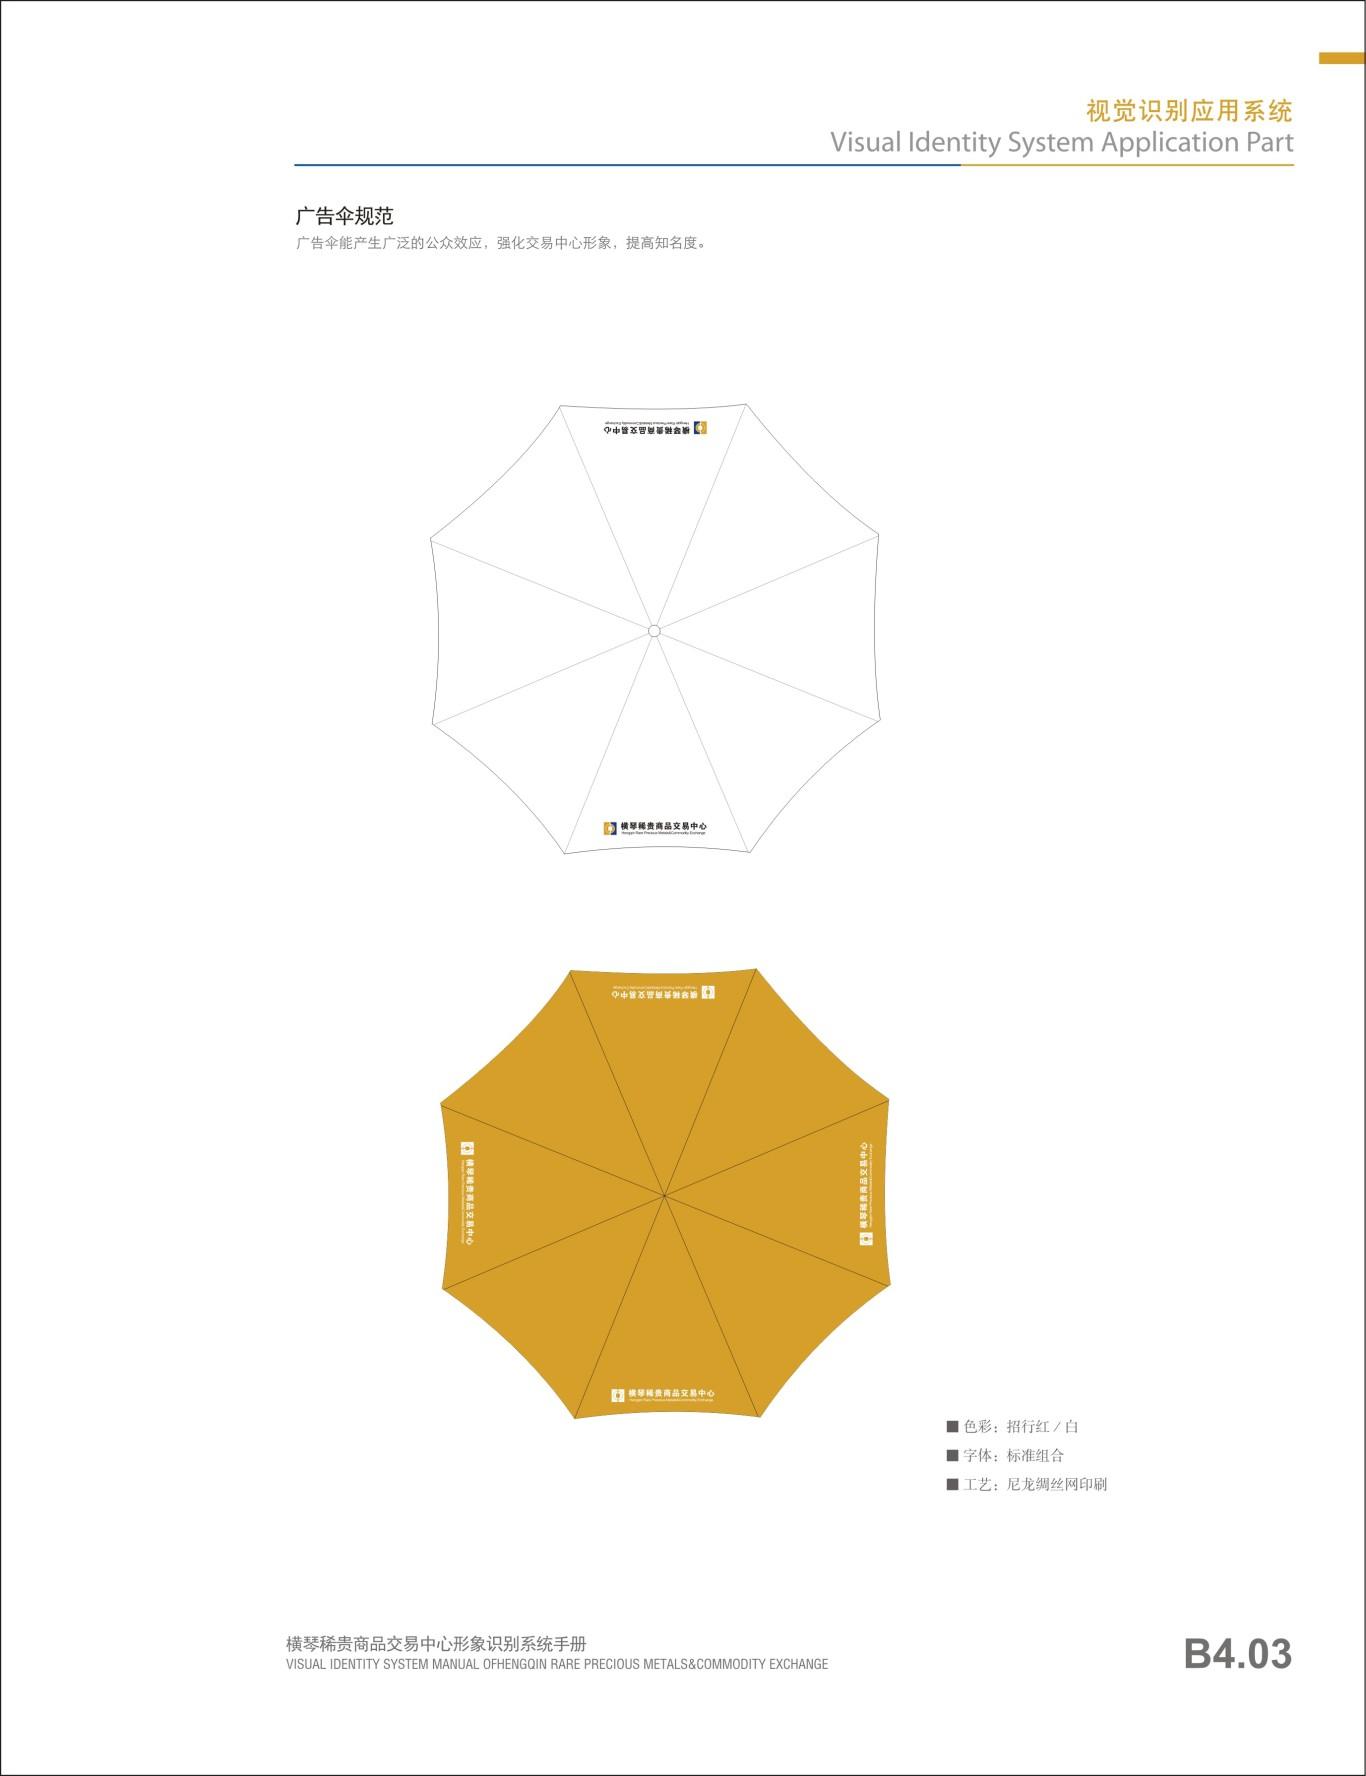 贵金属行业横琴稀贵VI手册设计图28